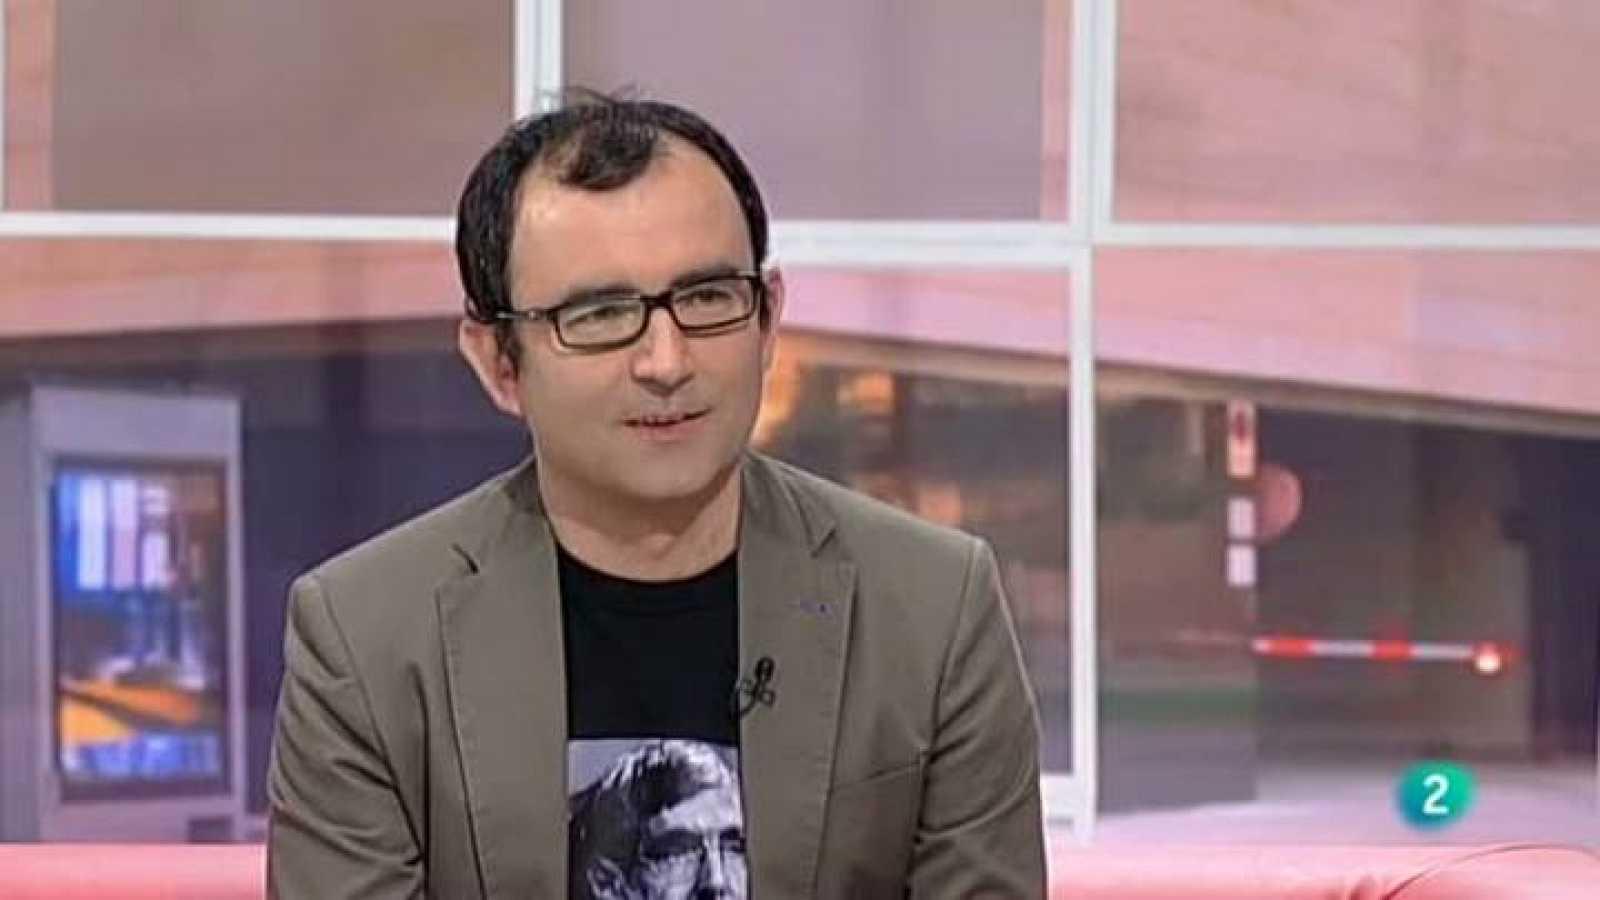 Para todos La 2 - ¿Por qué tememos la soledad? - Entrevista con Rafael Santandreu